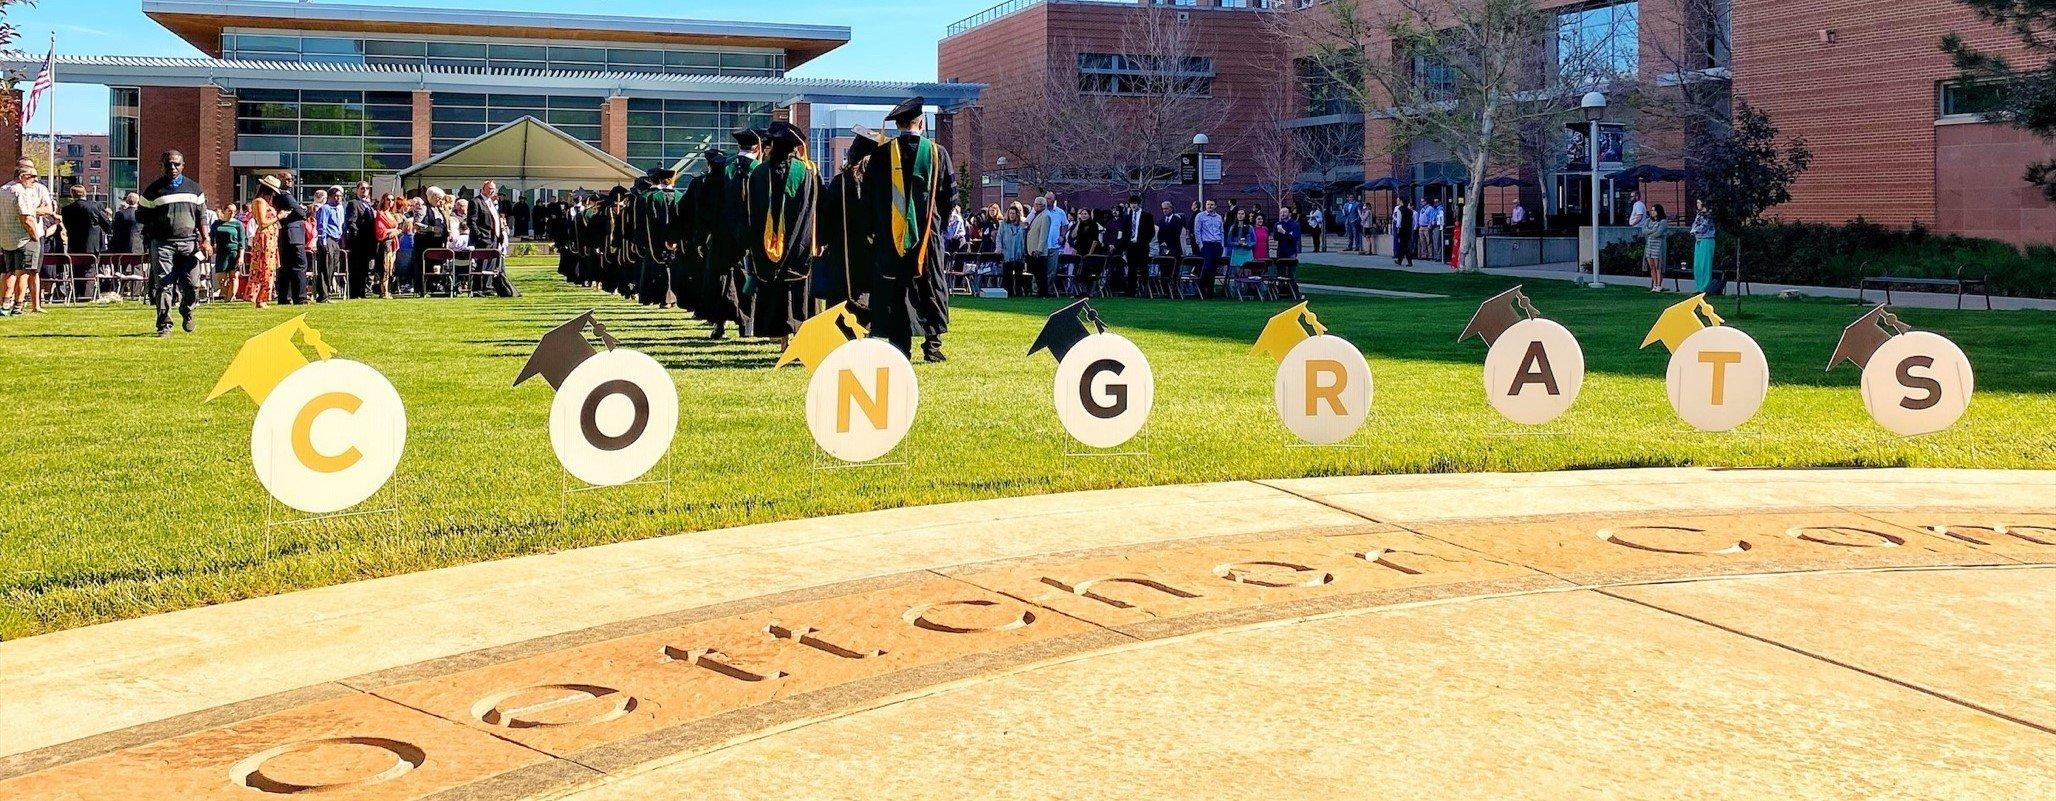 SOM Graduation Congrats Sign